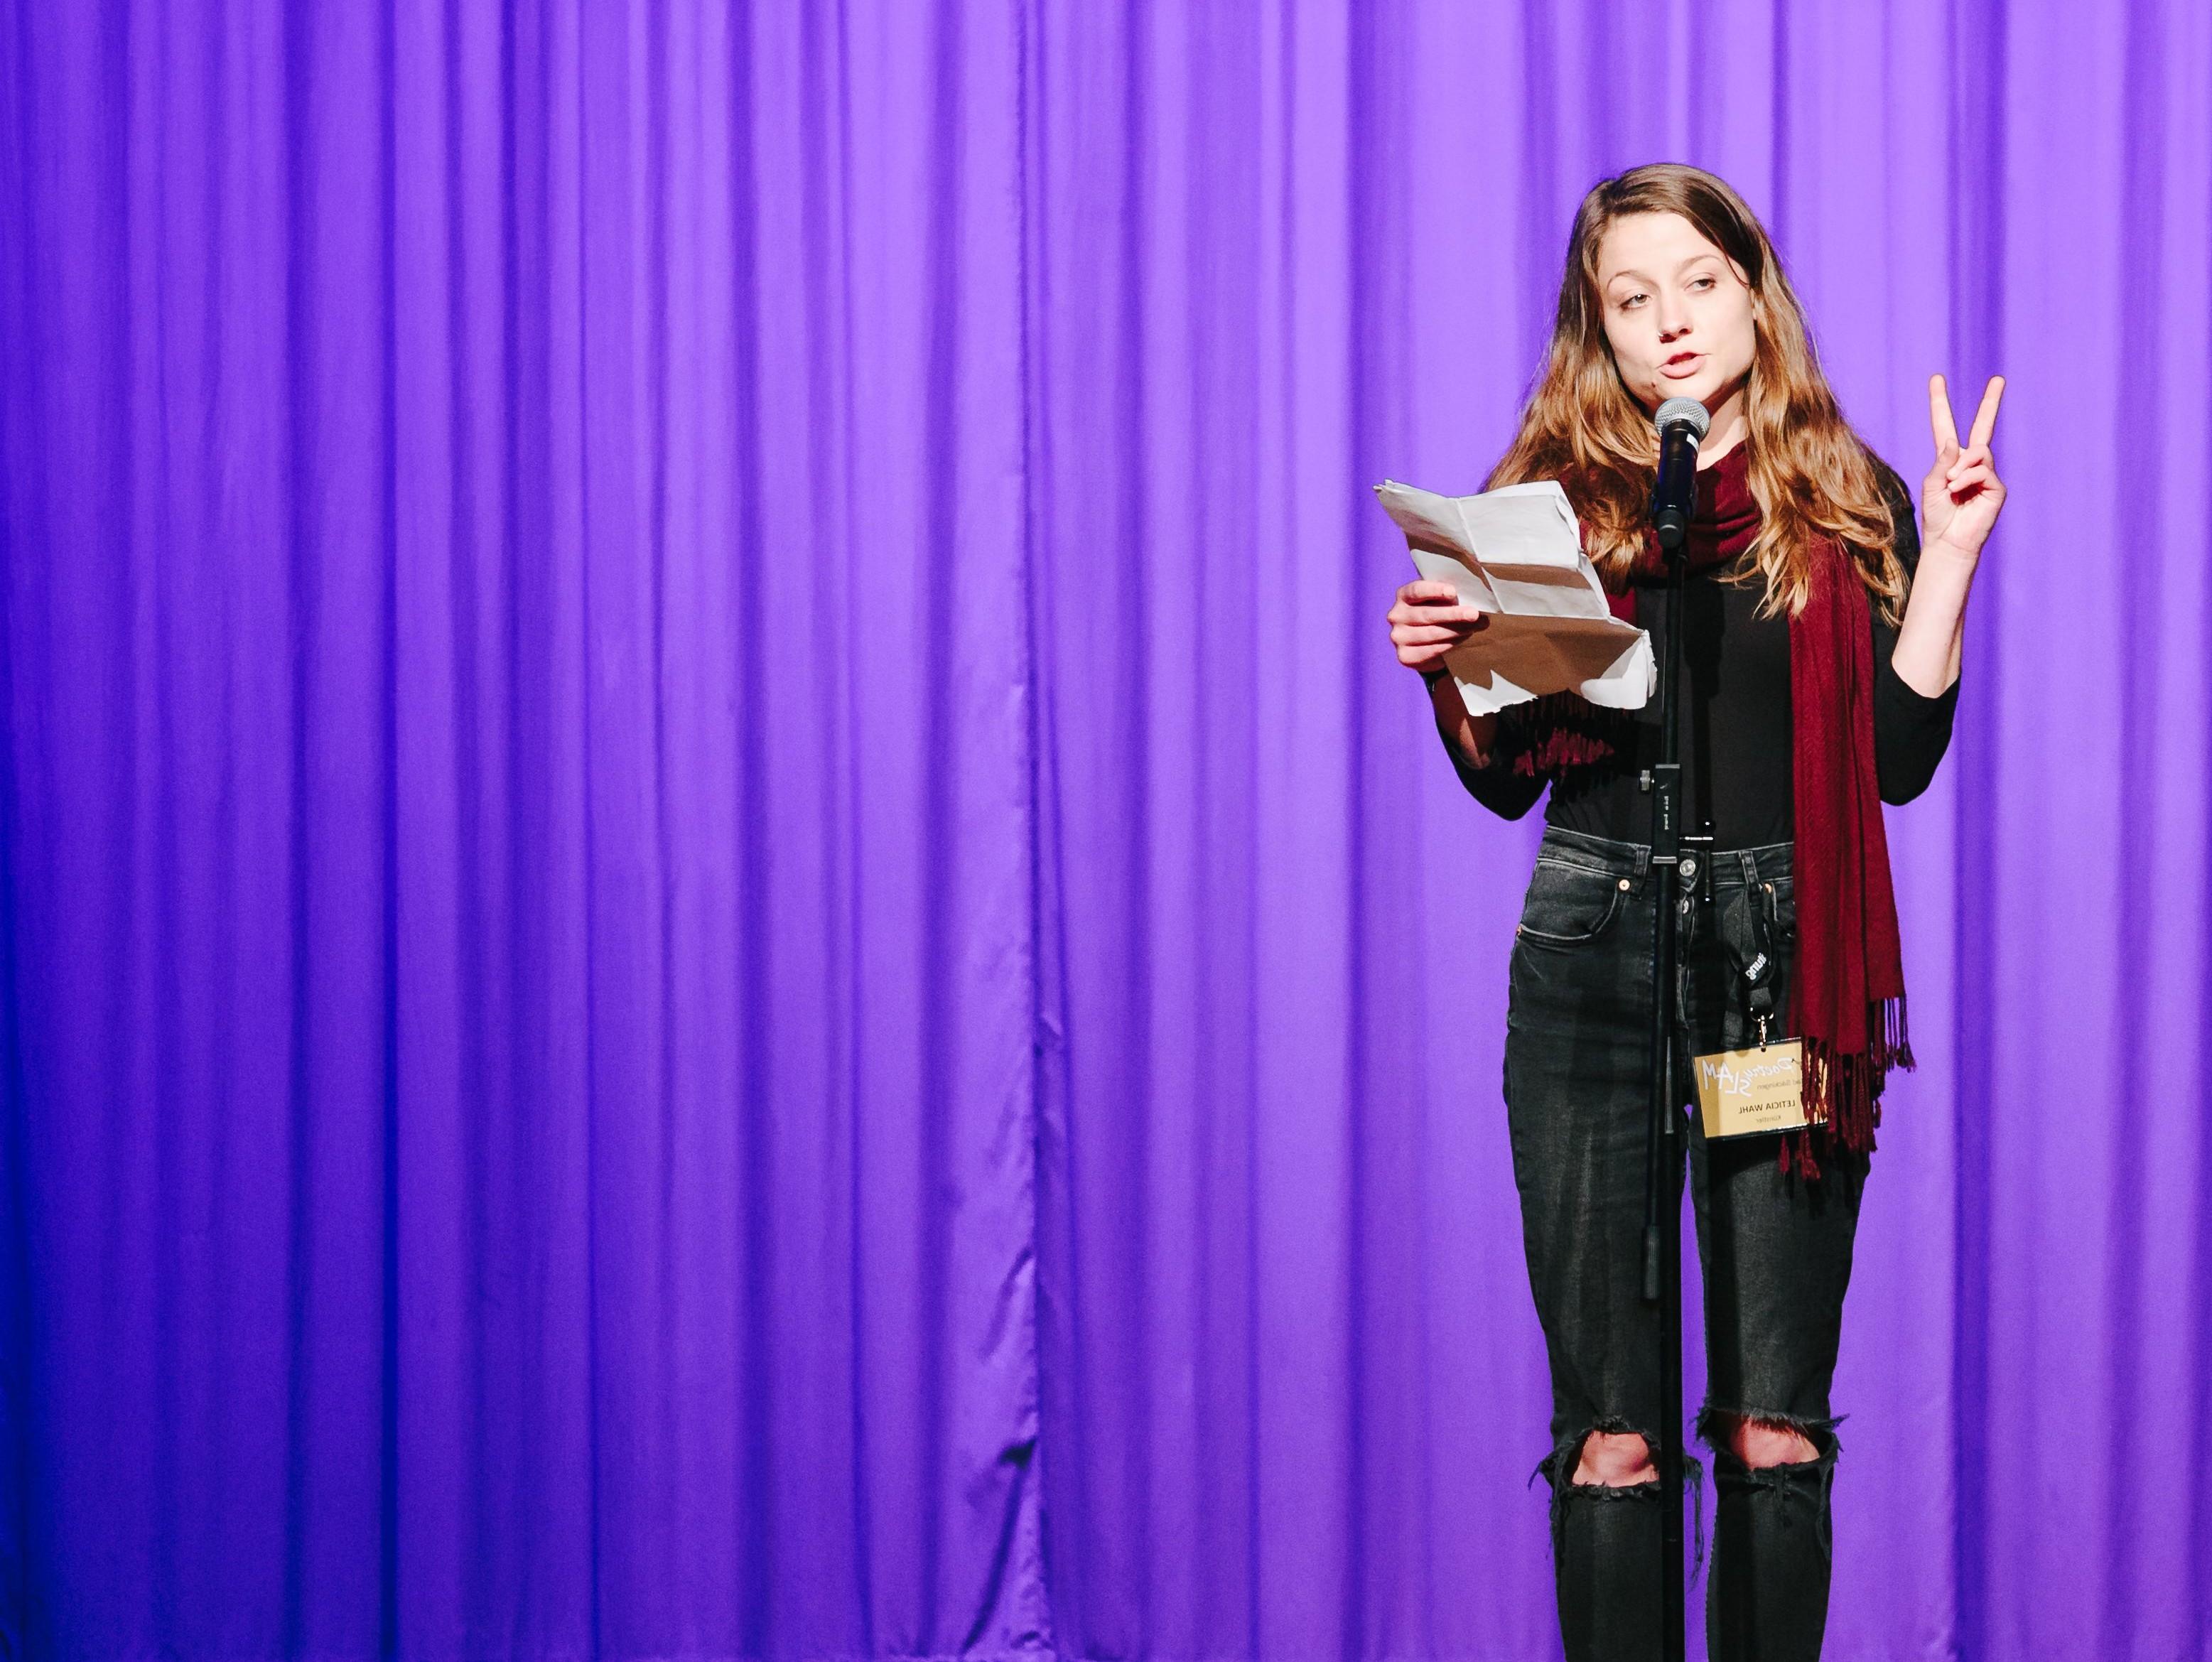 Leticia Wahl auf der Bühne